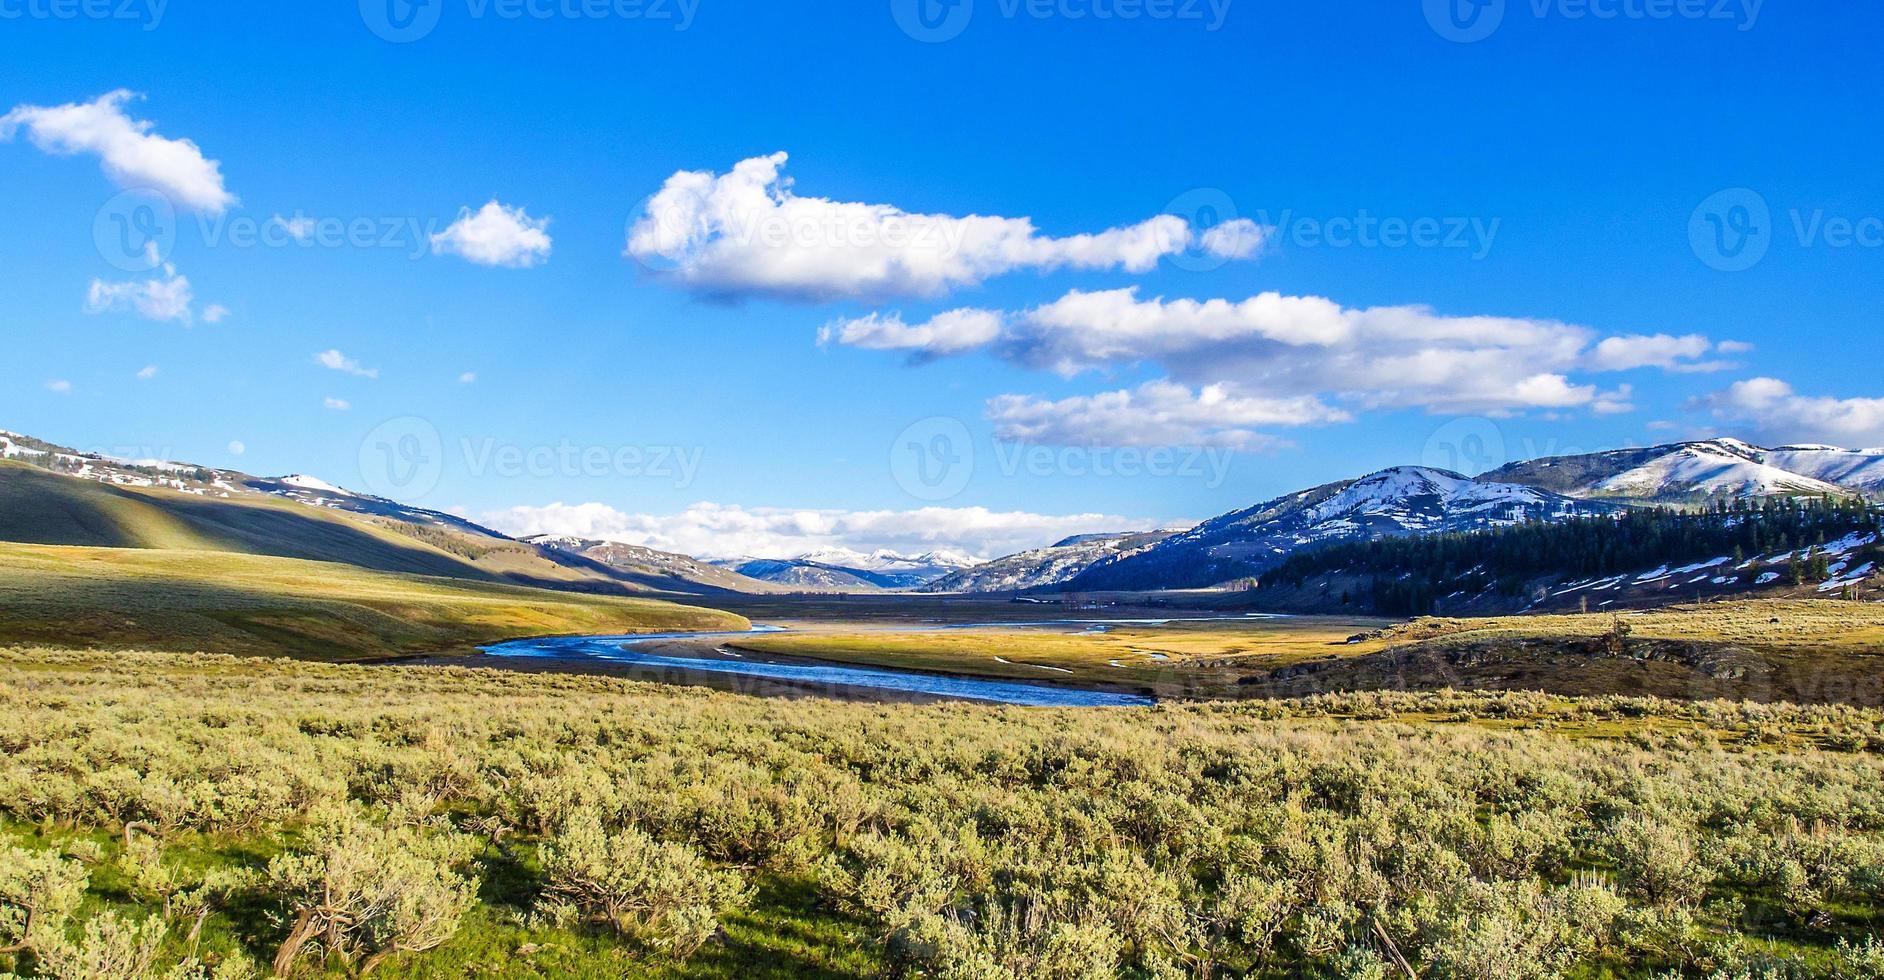 paisaje escénico en el parque nacional arches foto